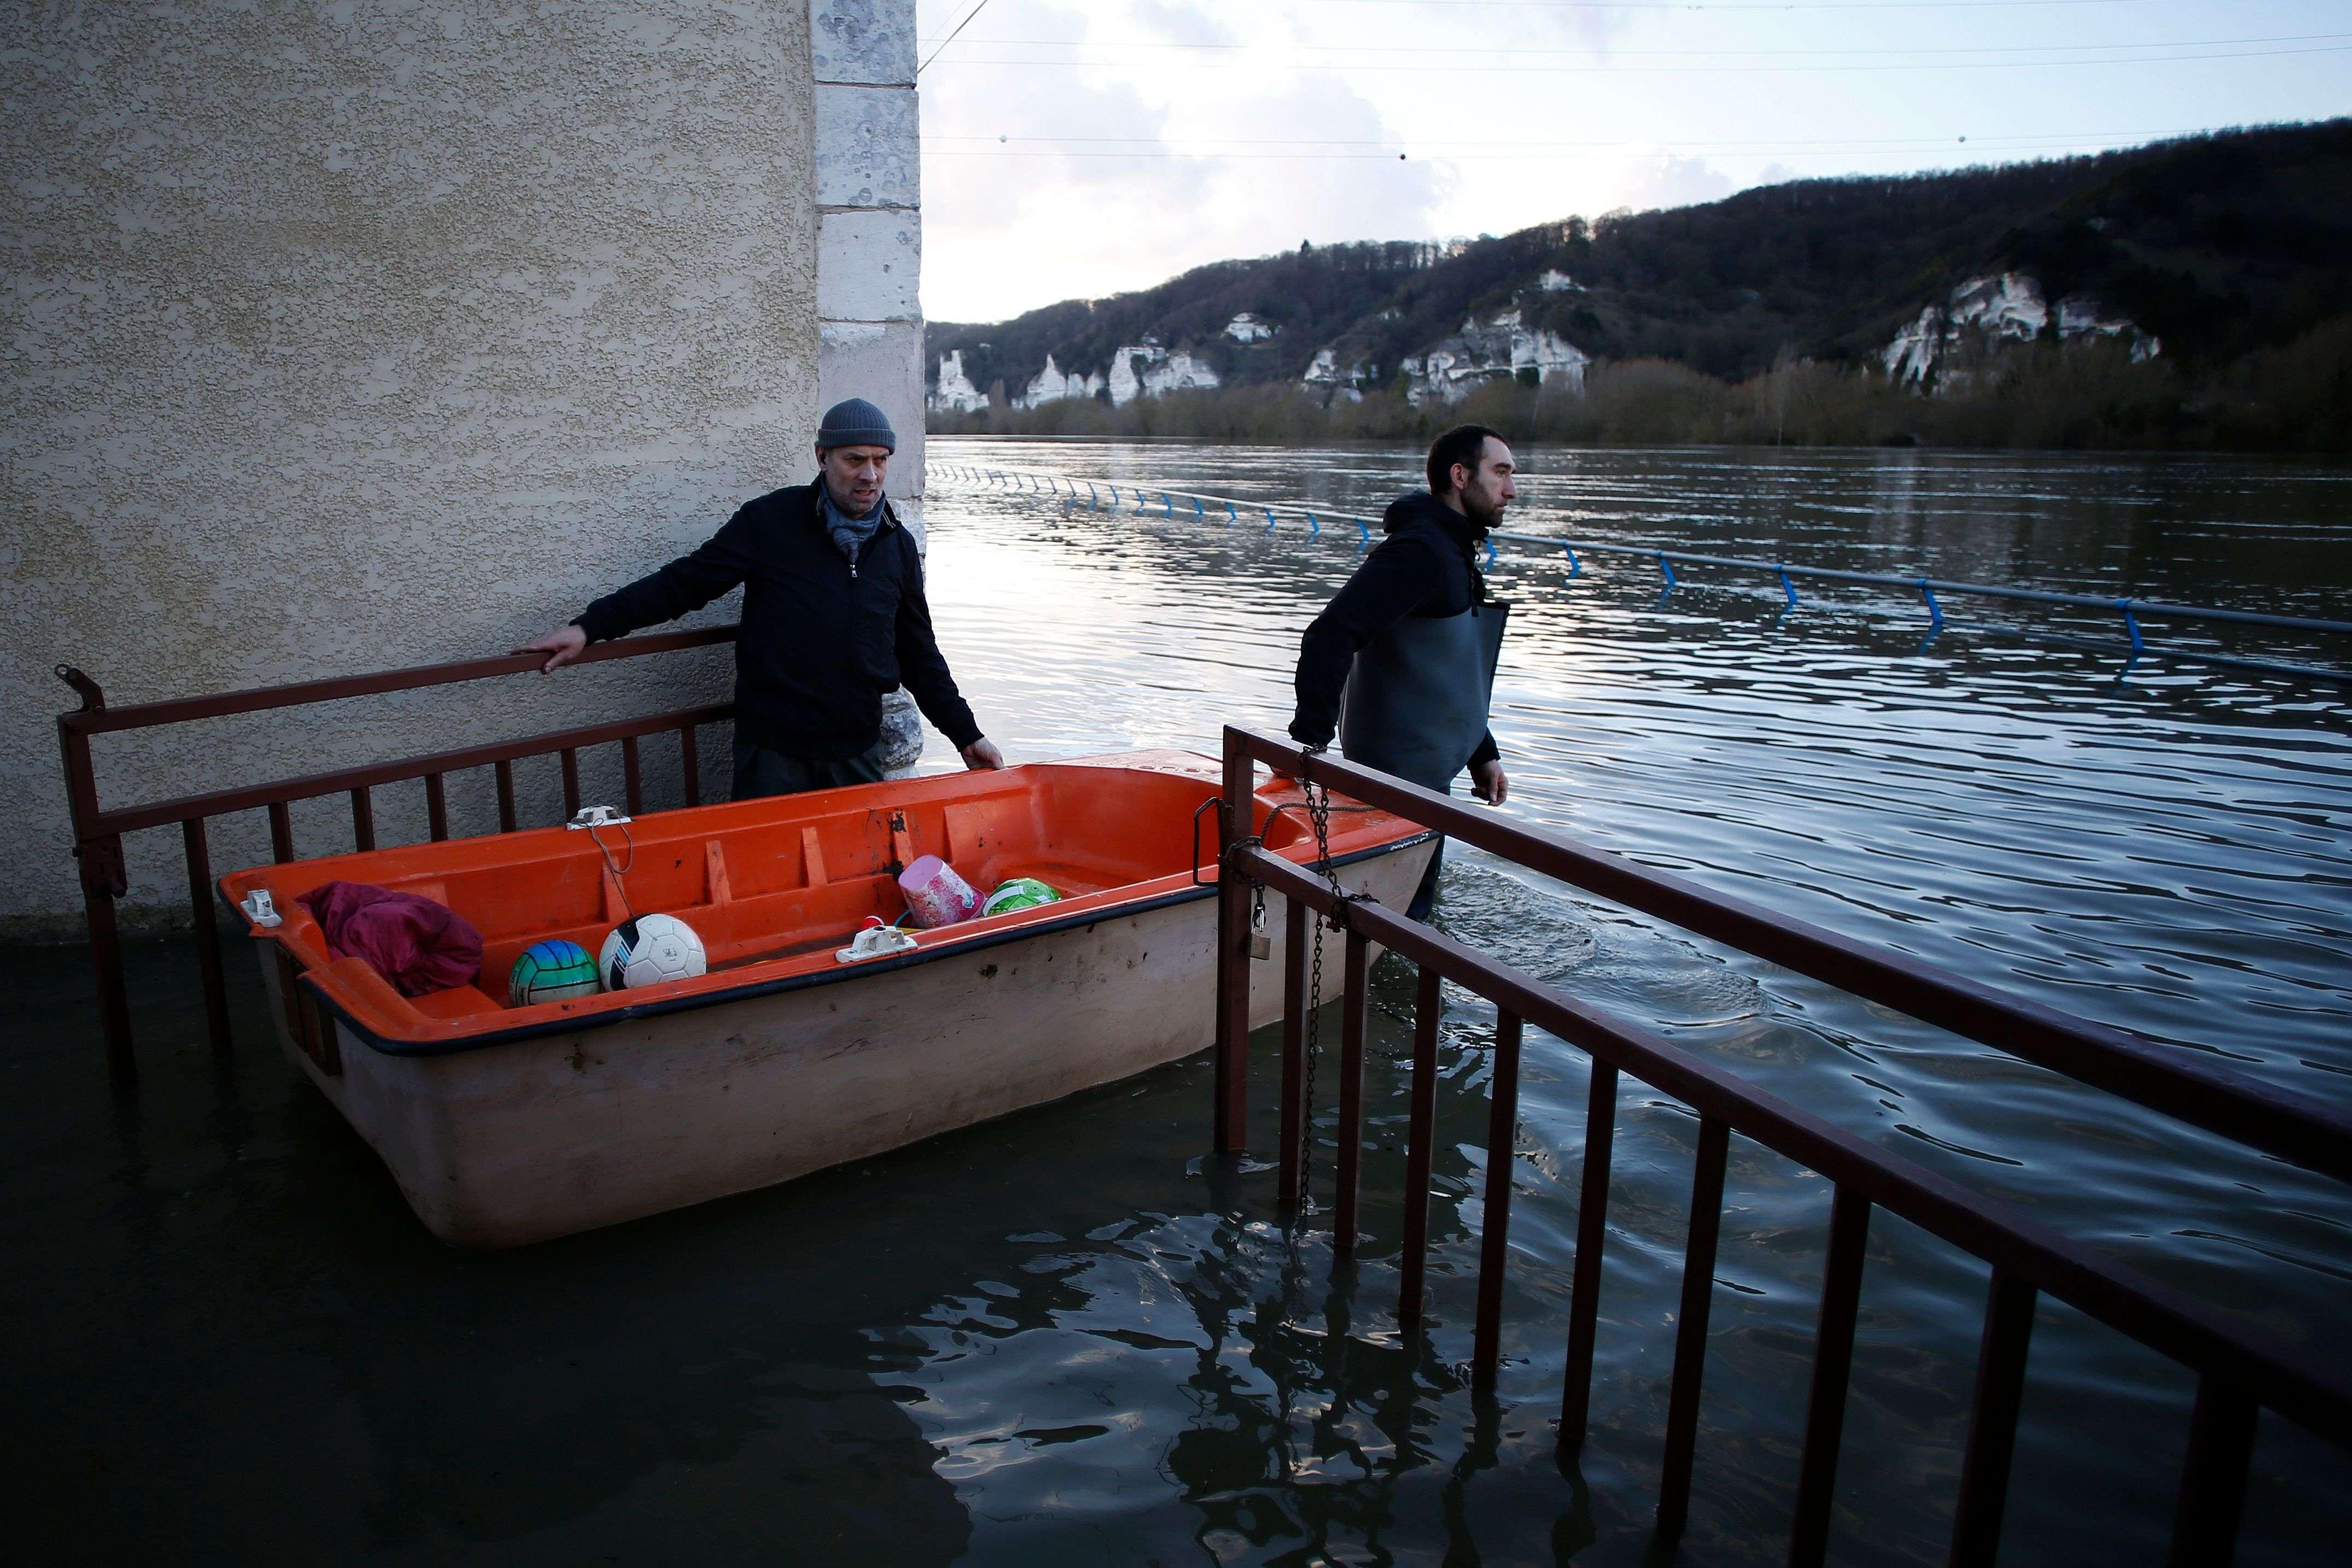 A Cléon, au sud de Rouen, le 1er février.Près de 150 personnes ont été évacuées mercredi soir en prévision de ces débordements.